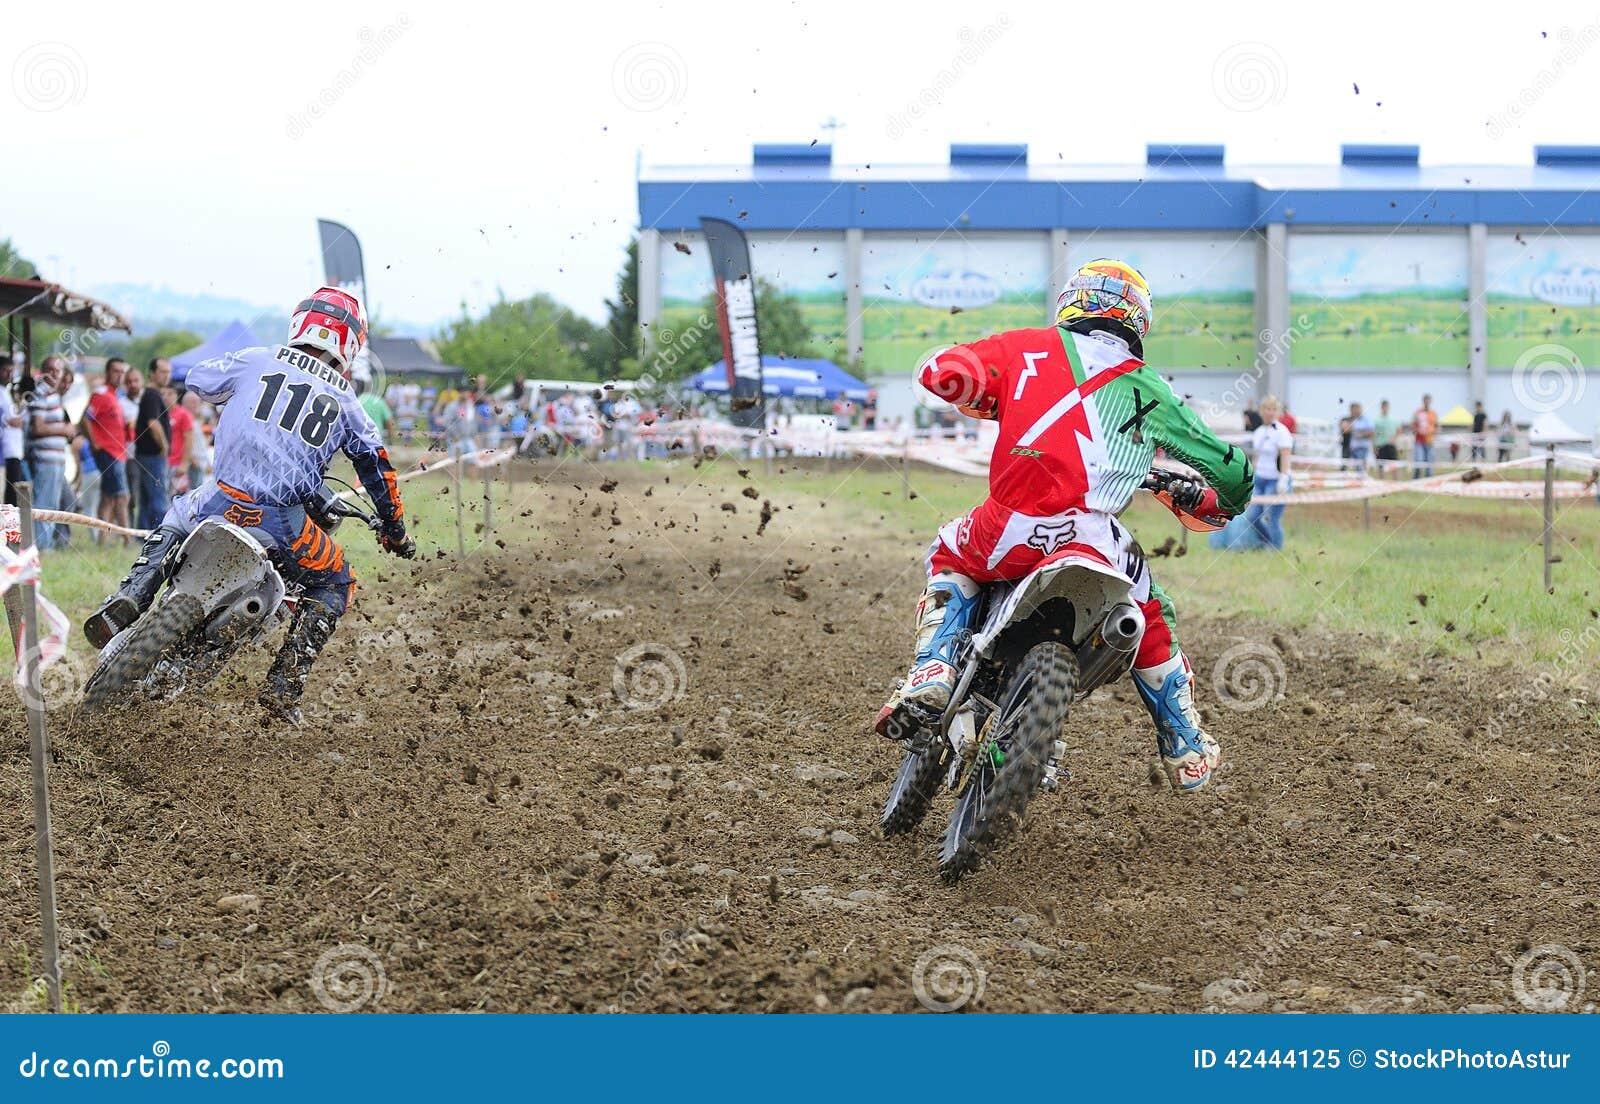 Motorcross en el EL Berron, Asturias, España